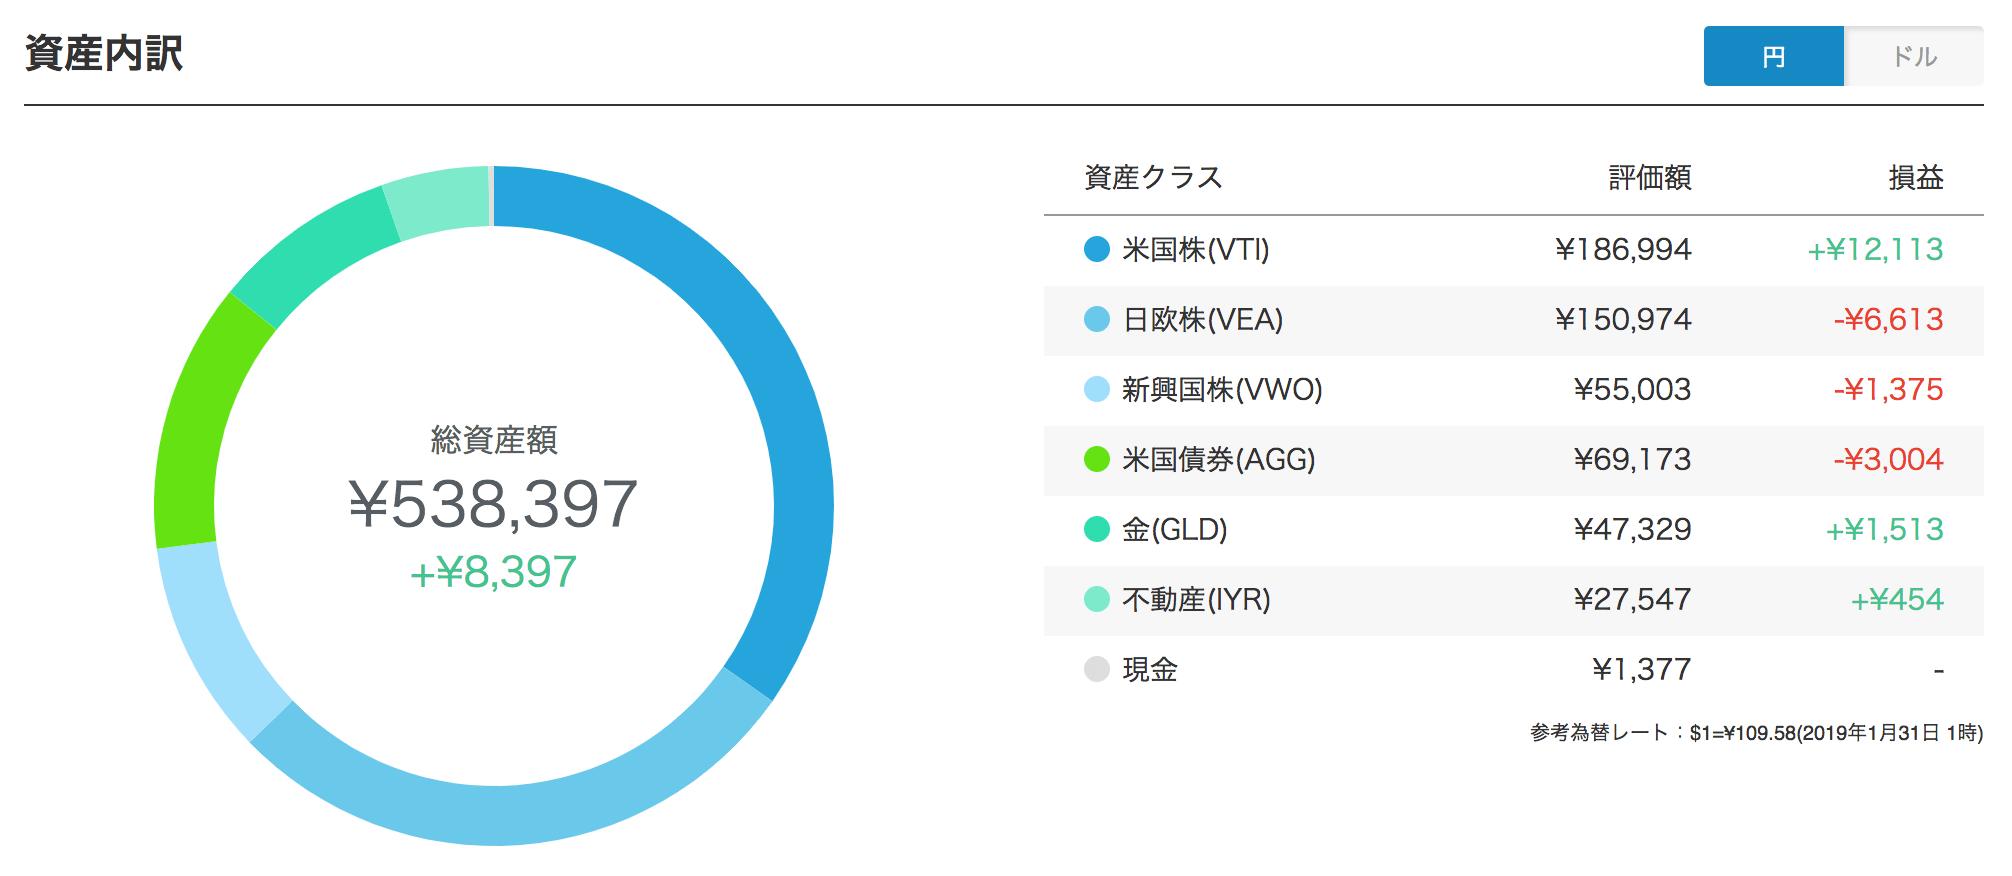 ウェルスナビ円建てポートフォリオ(2019年1月)